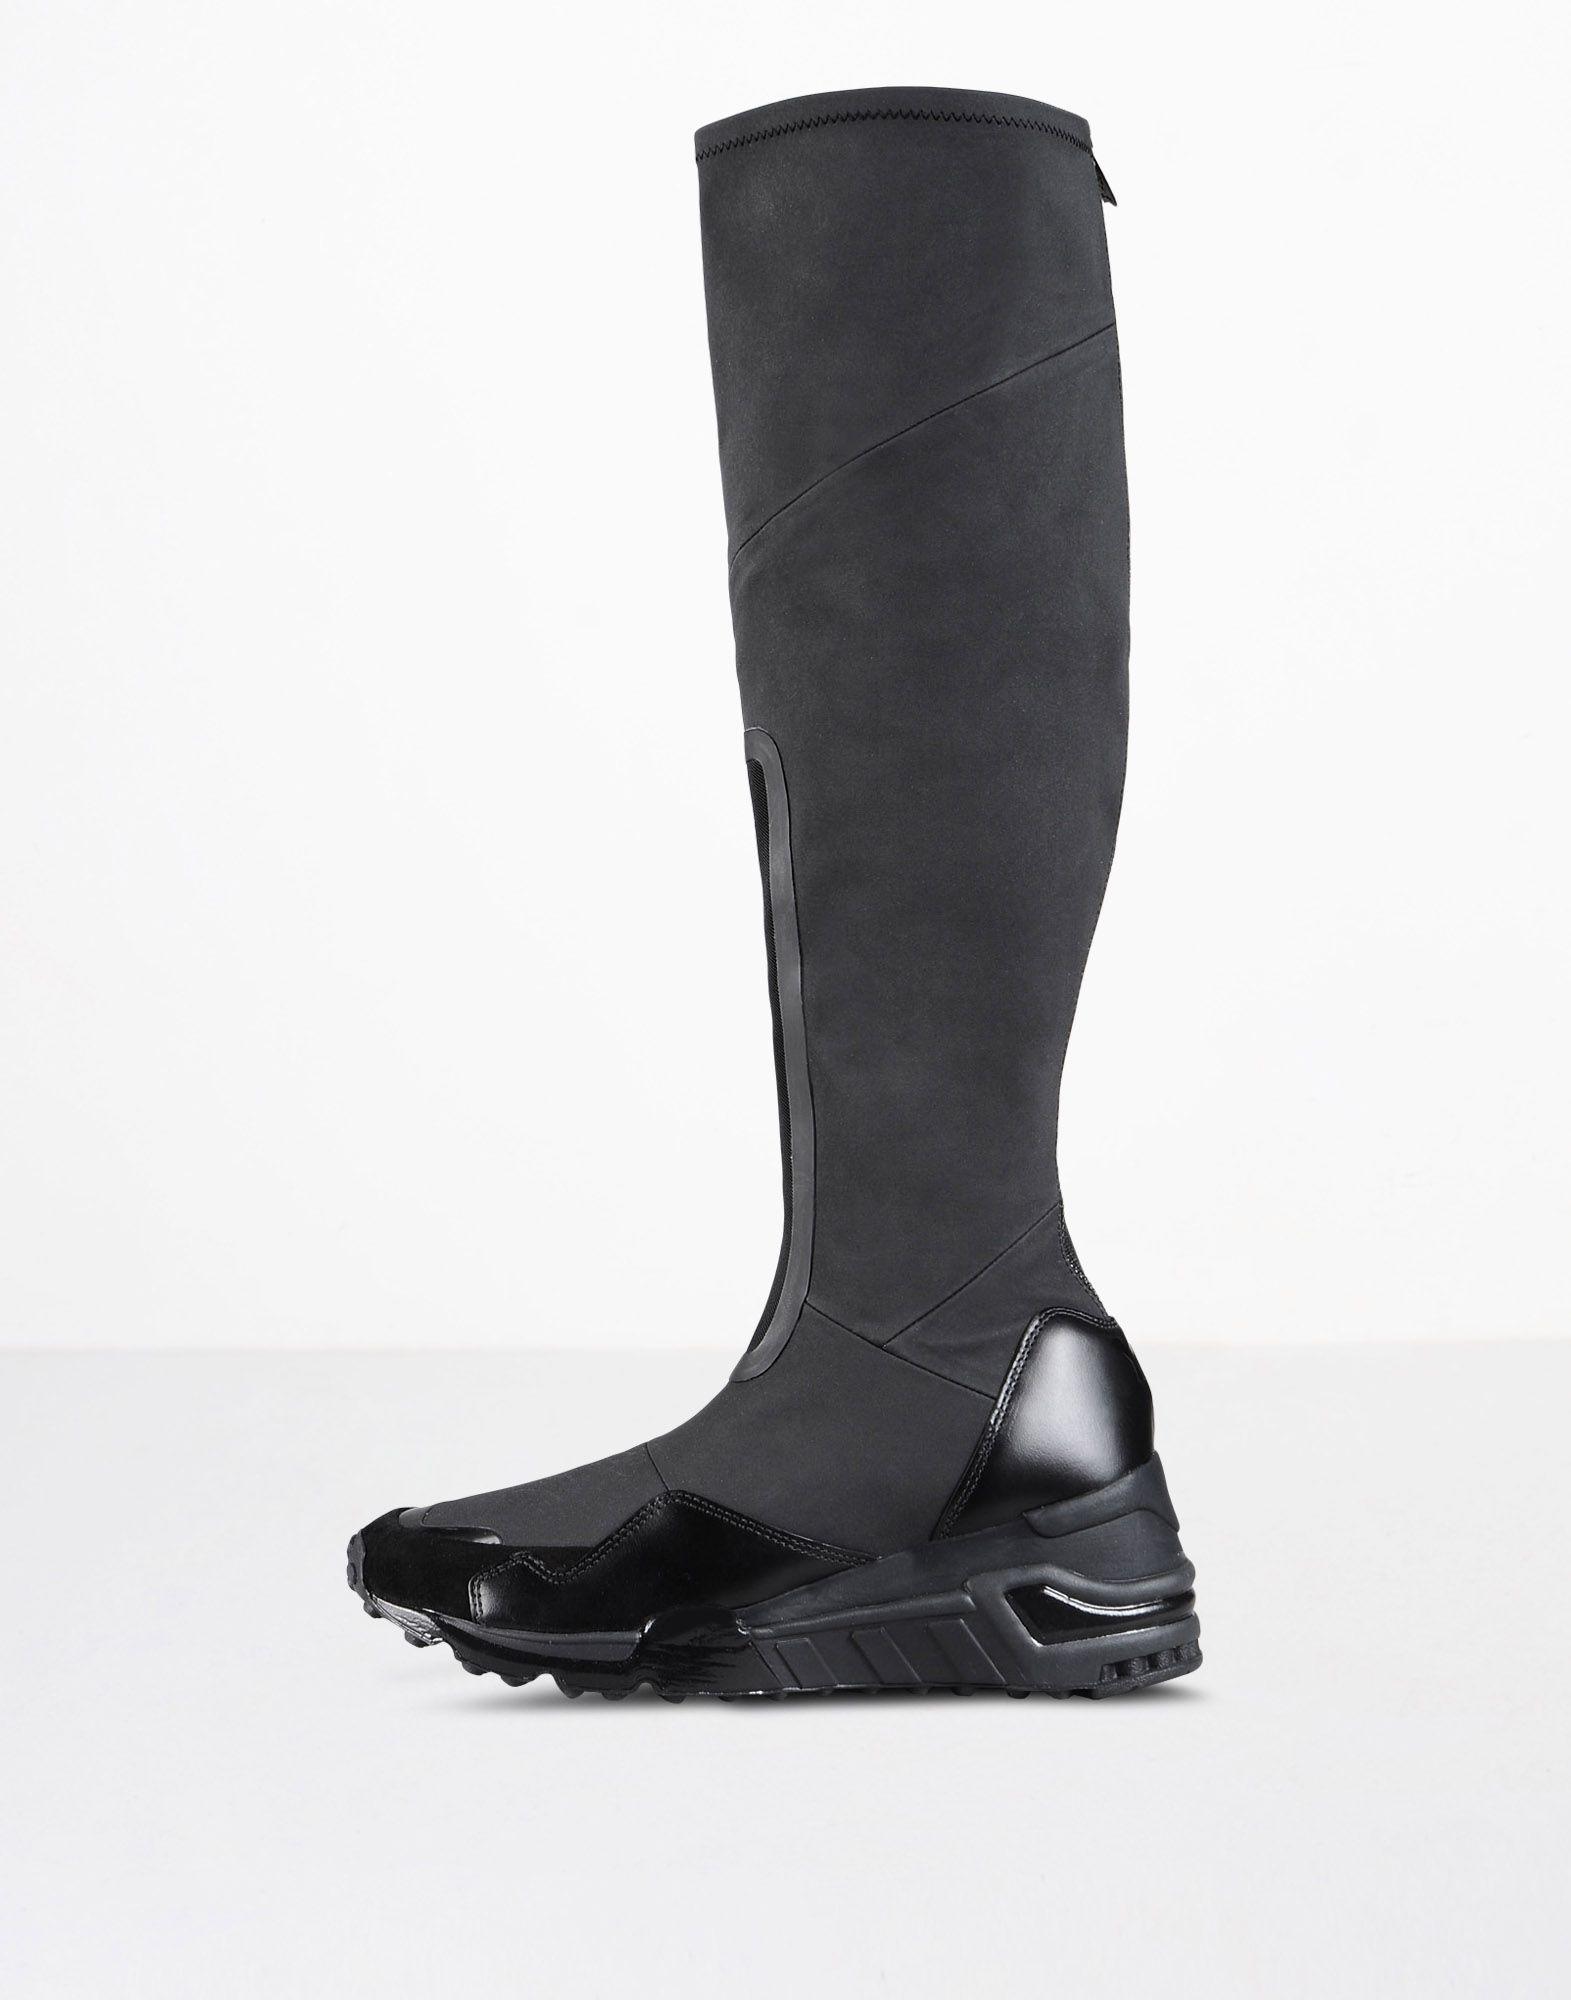 adidas y3 boots